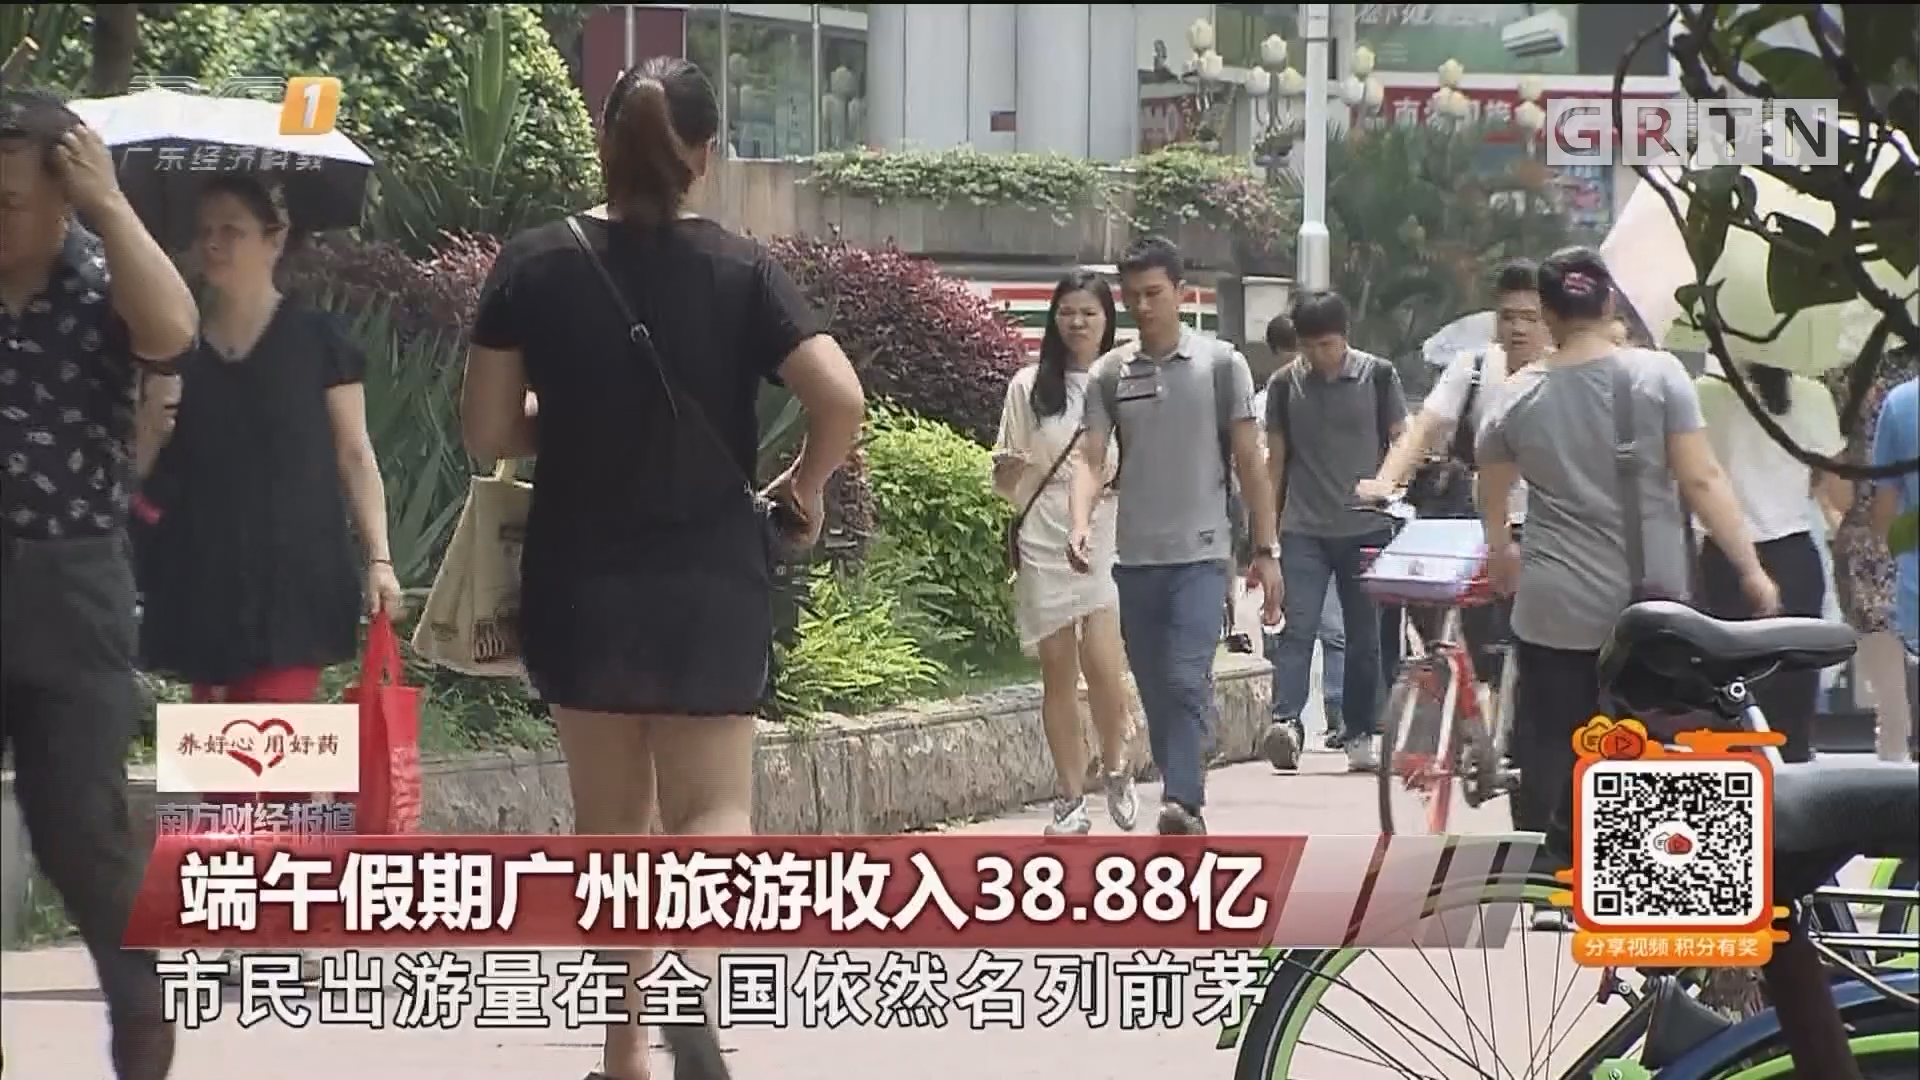 端午假期广州旅游收入38.88亿